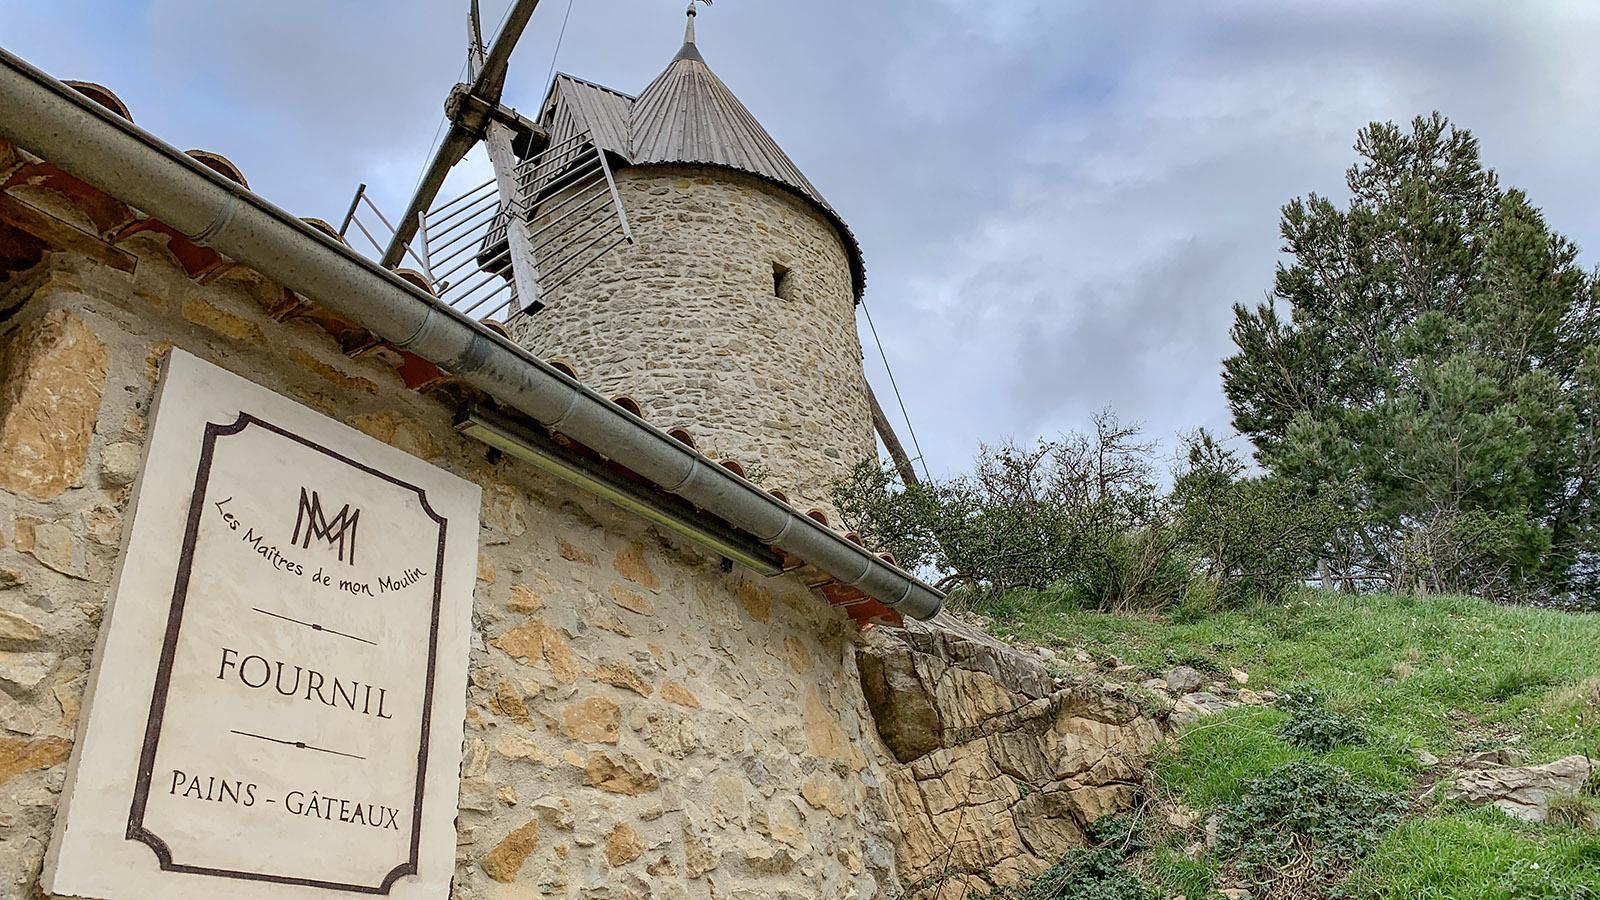 Cucugnan: Maitres de mon moulin - Mühle und Bäckerei. Foto: Hilke Maunder